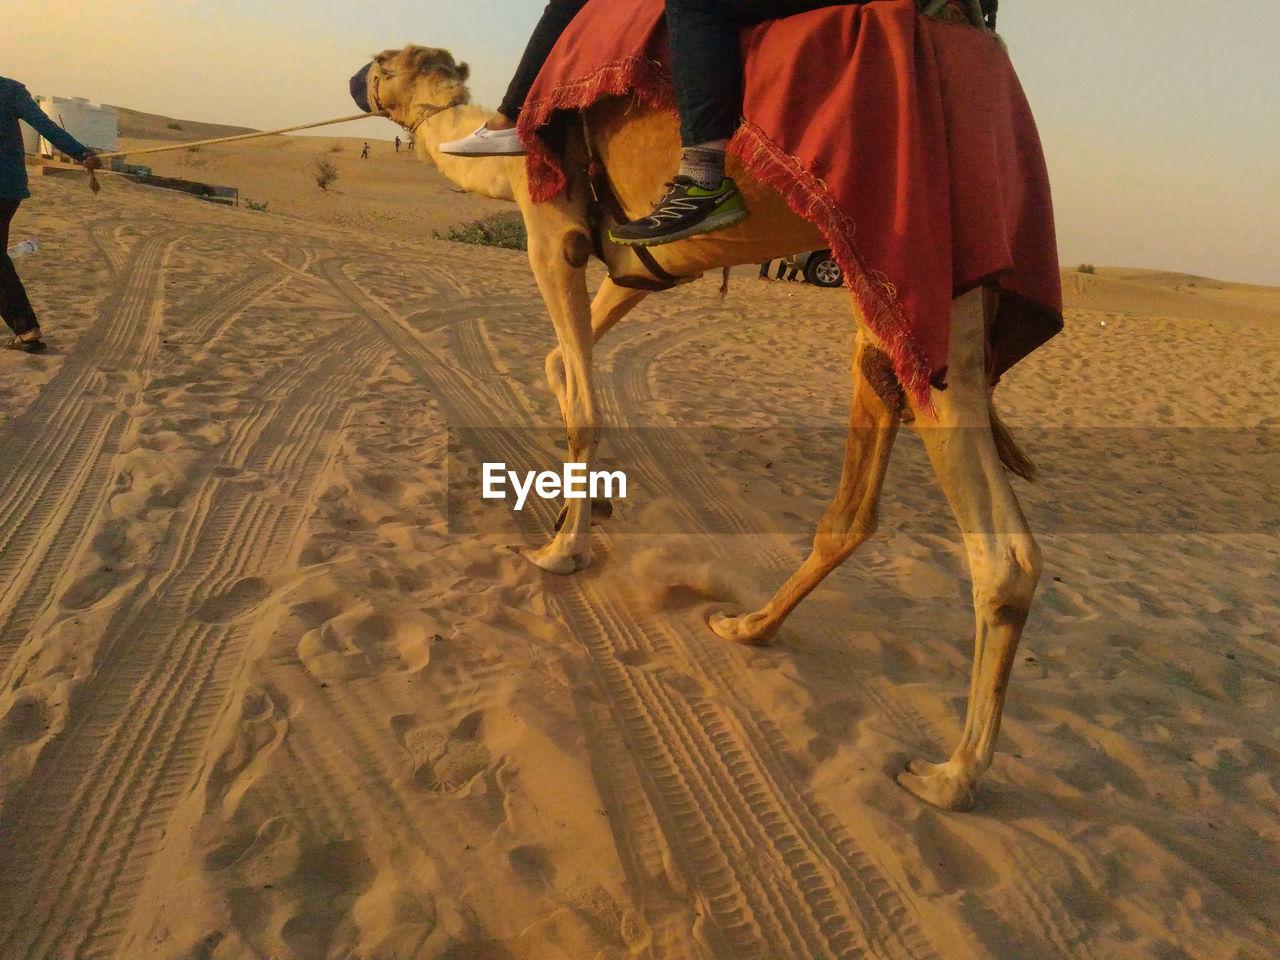 HORSE RIDING IN DESERT